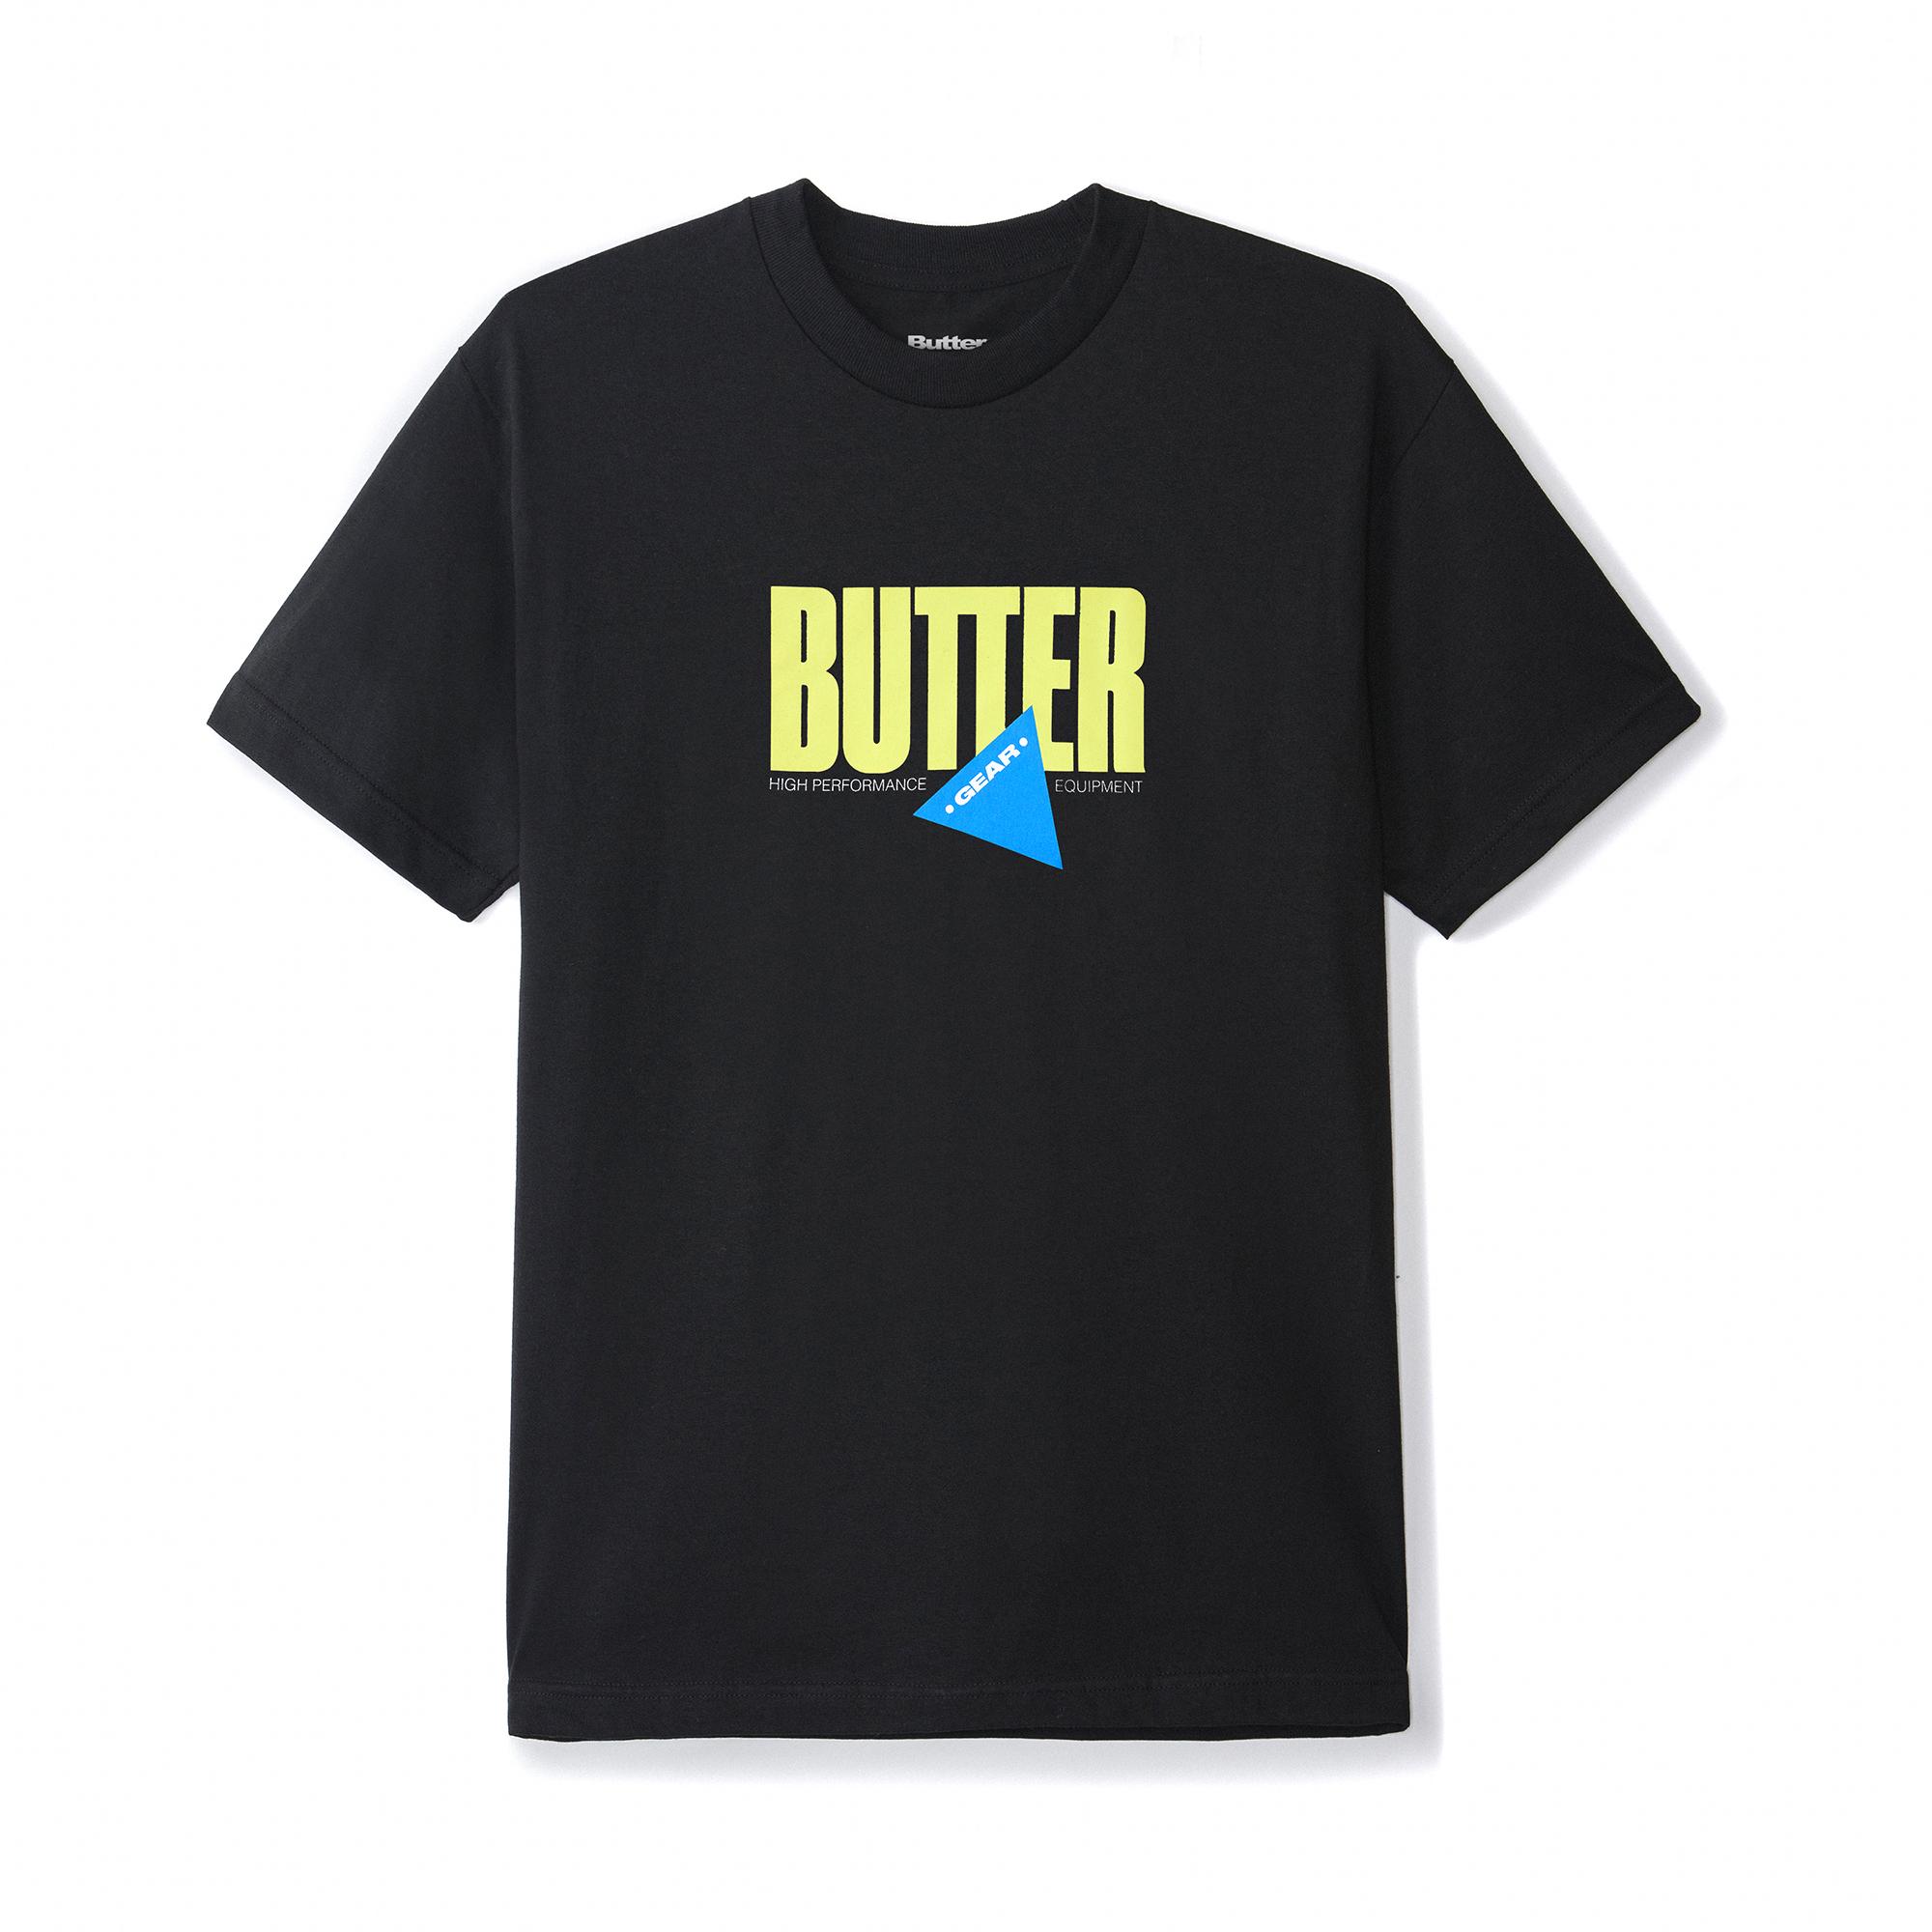 BUTTER GOODS 【GEAR】